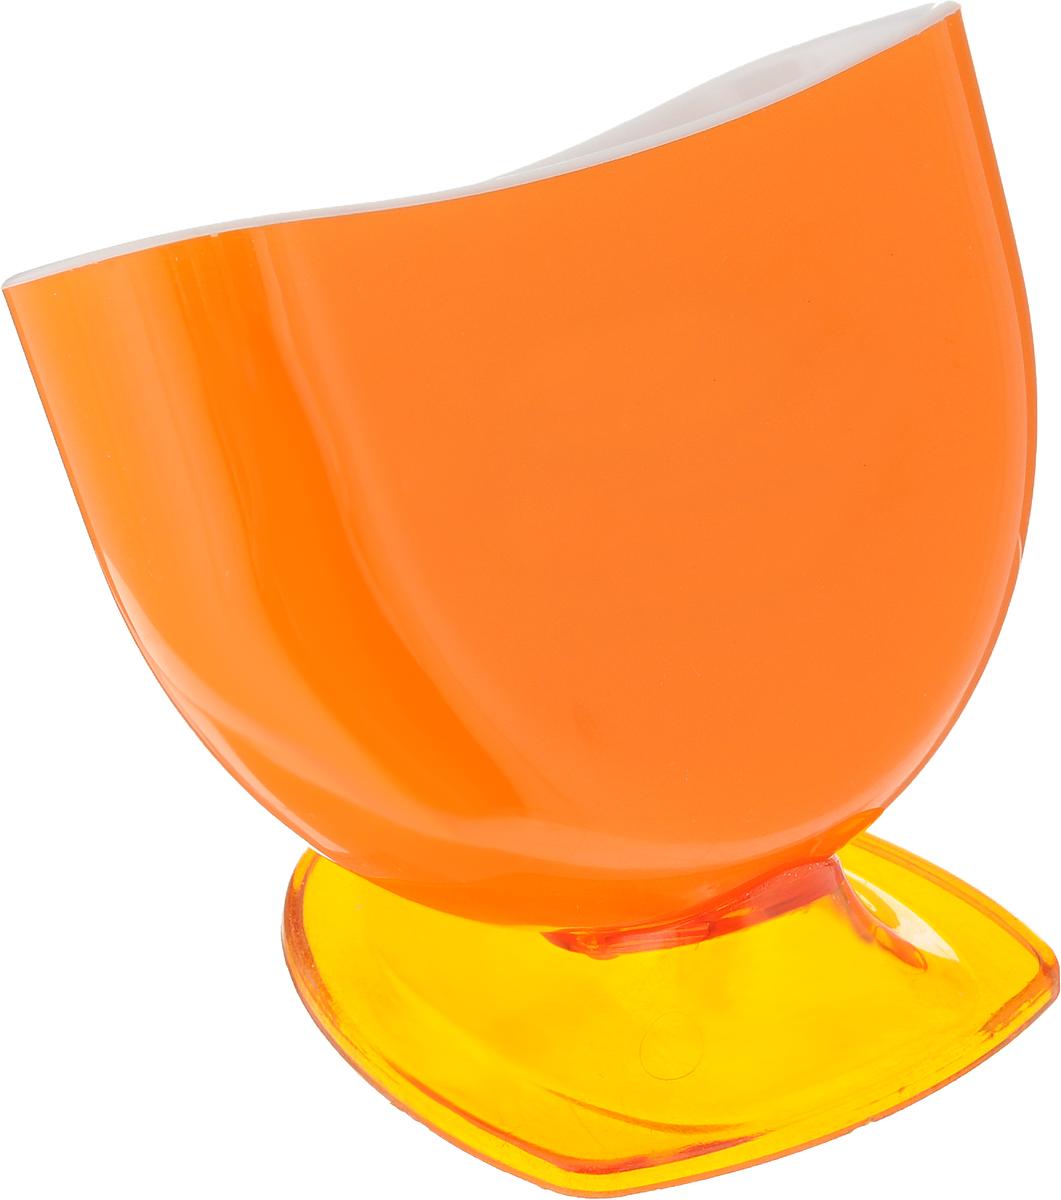 Подставка для губки Libra Plast, цвет: оранжевый. LP0037LP0037_оранжевыйПодставка для губки Libra Plast - это интересное и оригинальное украшение вашей кухни. Она выполнена из пластика.С такой подставкой губка для мытья посуды всегда будет у вас под рукой.Размер подставки (с учетом ножки): 11,5 х 8 х 9 см.